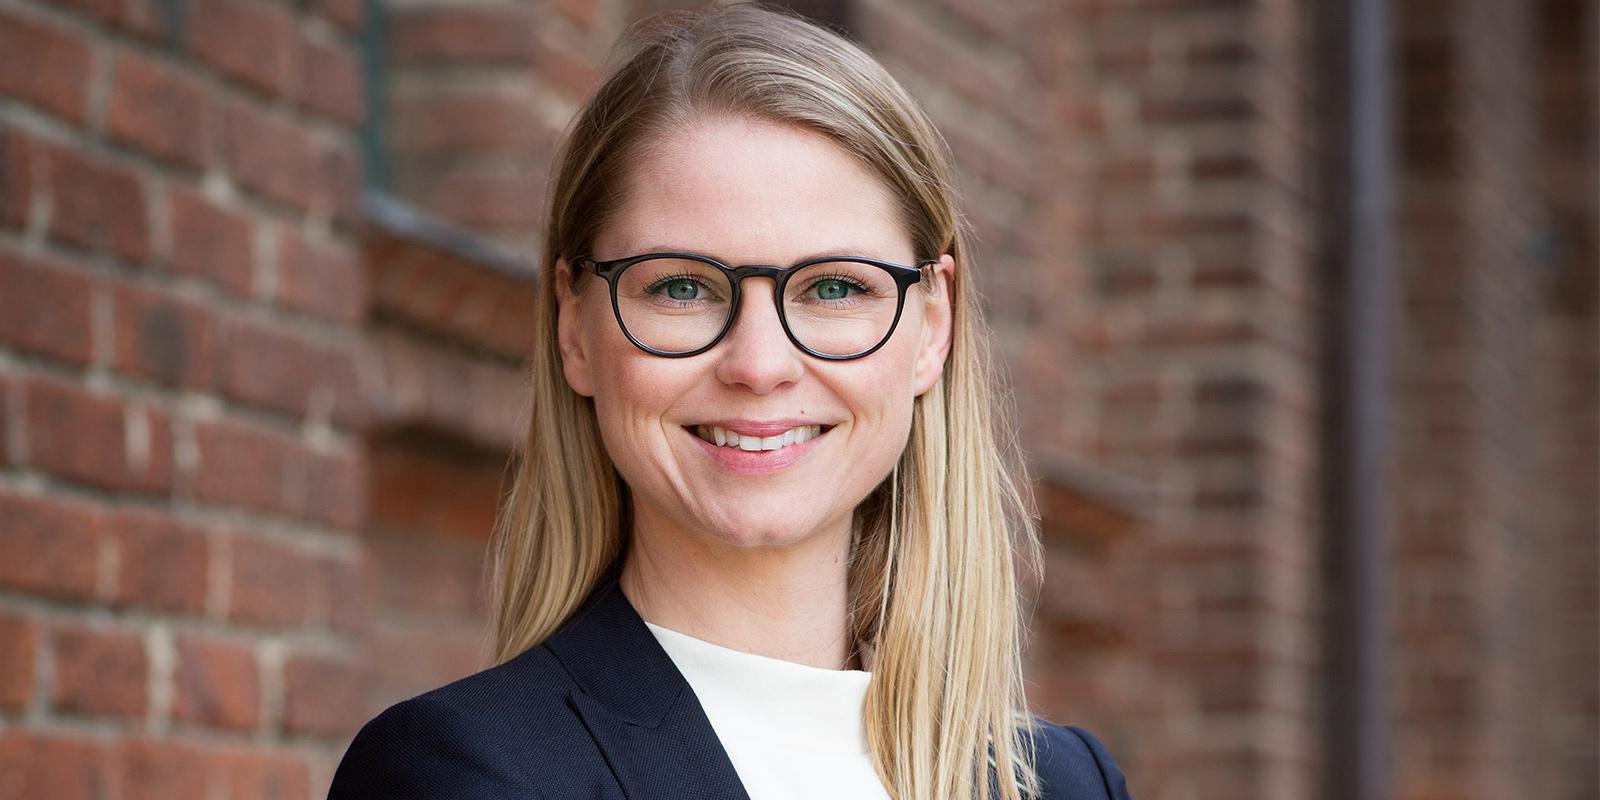 Novare rekryterar Anna Karin Andersen till Zaptec